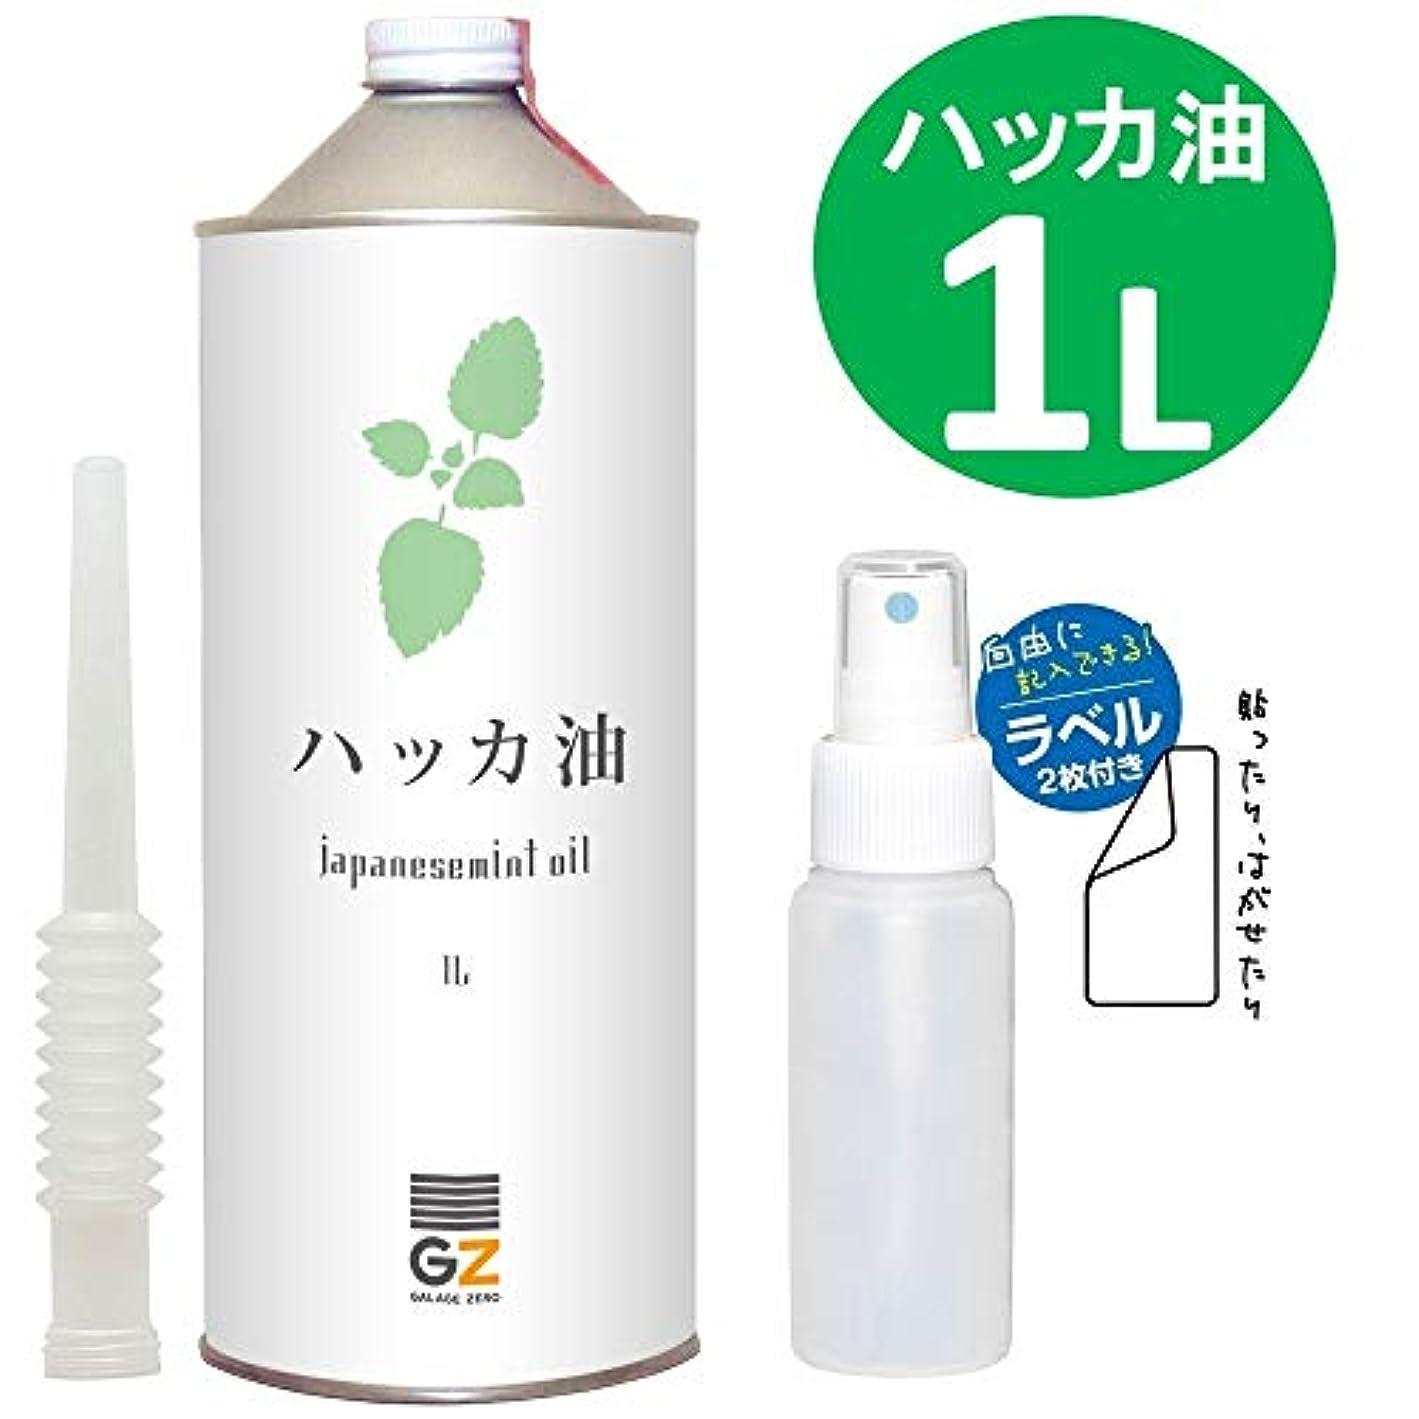 自信がある亡命五十ガレージ?ゼロ ハッカ油 1L(GZAK14)+50mlPEスプレーボトル/和種薄荷/ジャパニーズミント GSE531